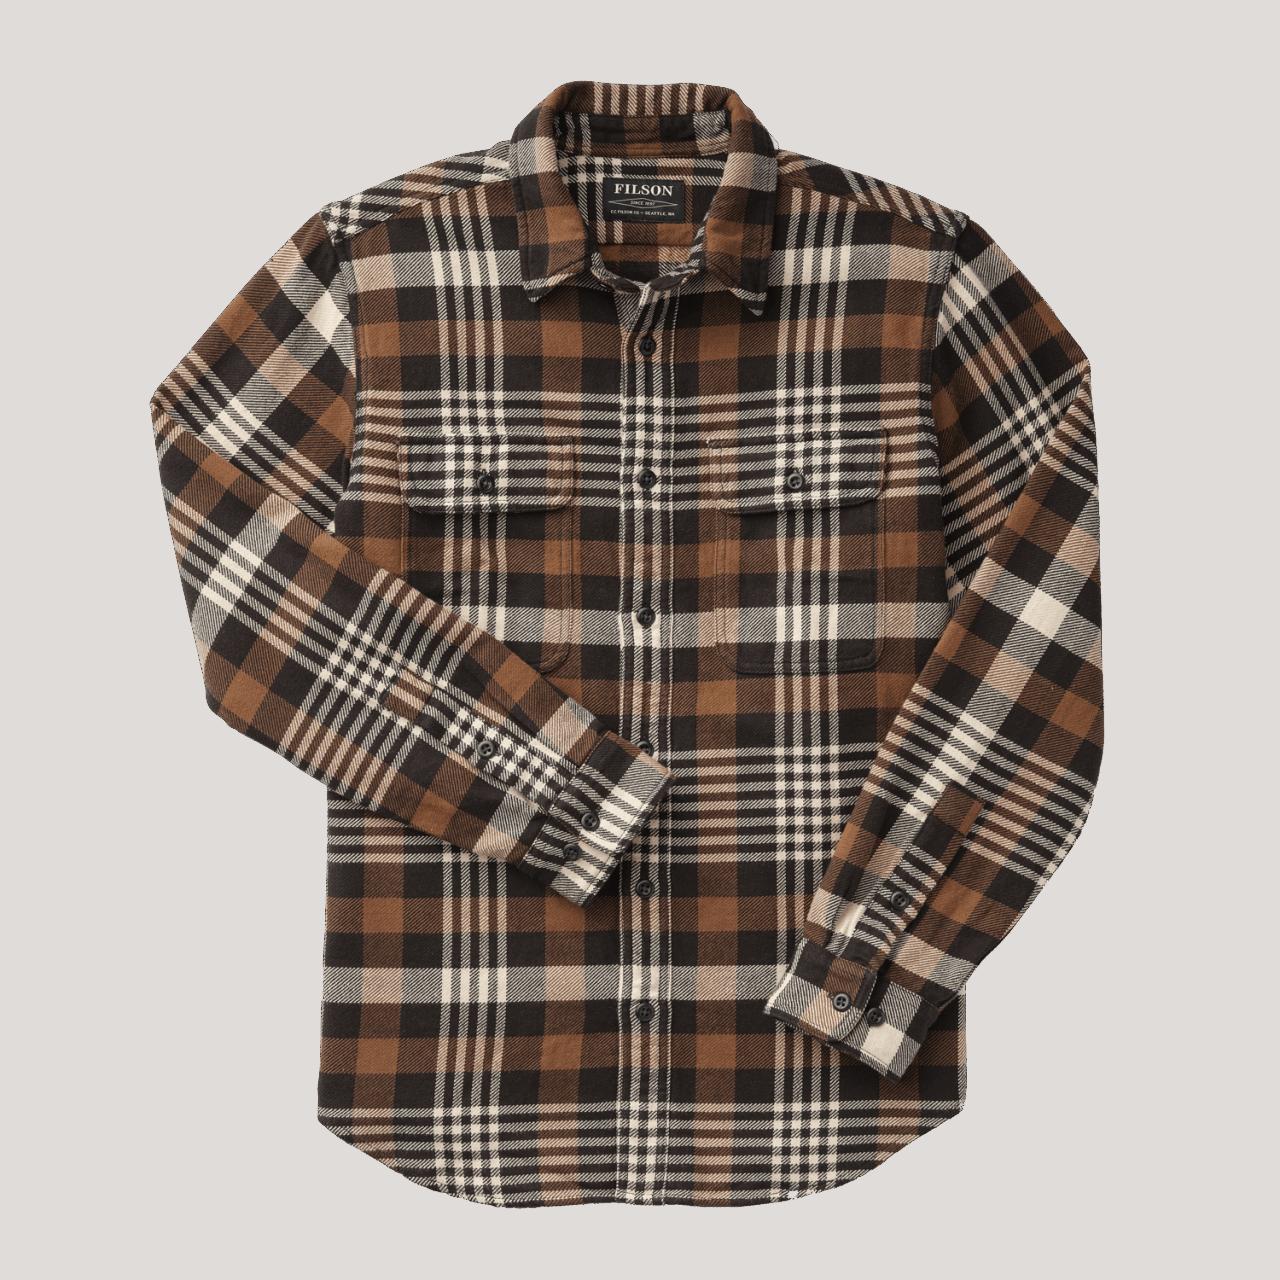 Filson Vintage Flannel Work Shirt - black/brown/cream